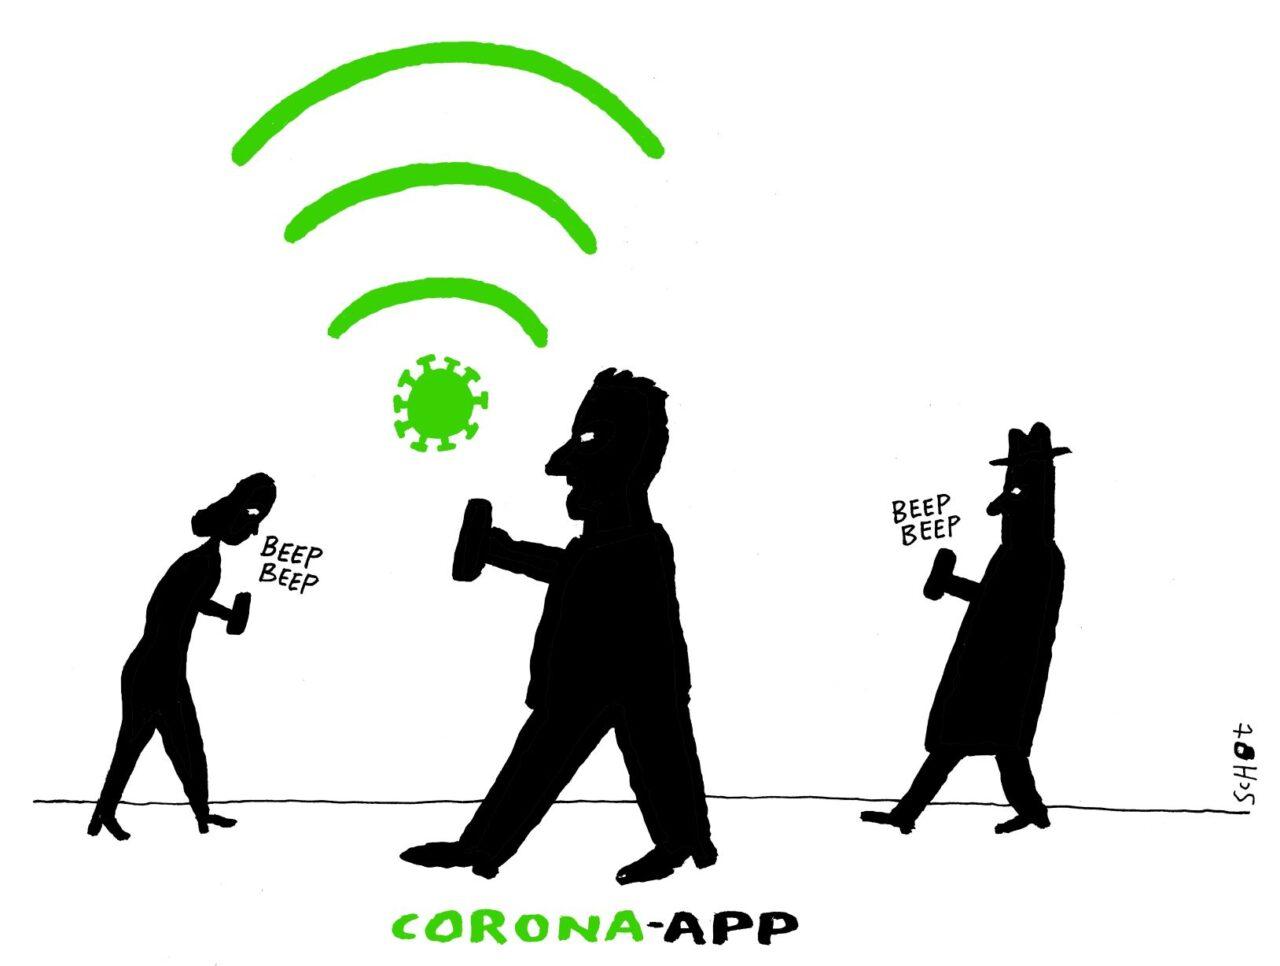 kwestie corona app – Bas van der Schot